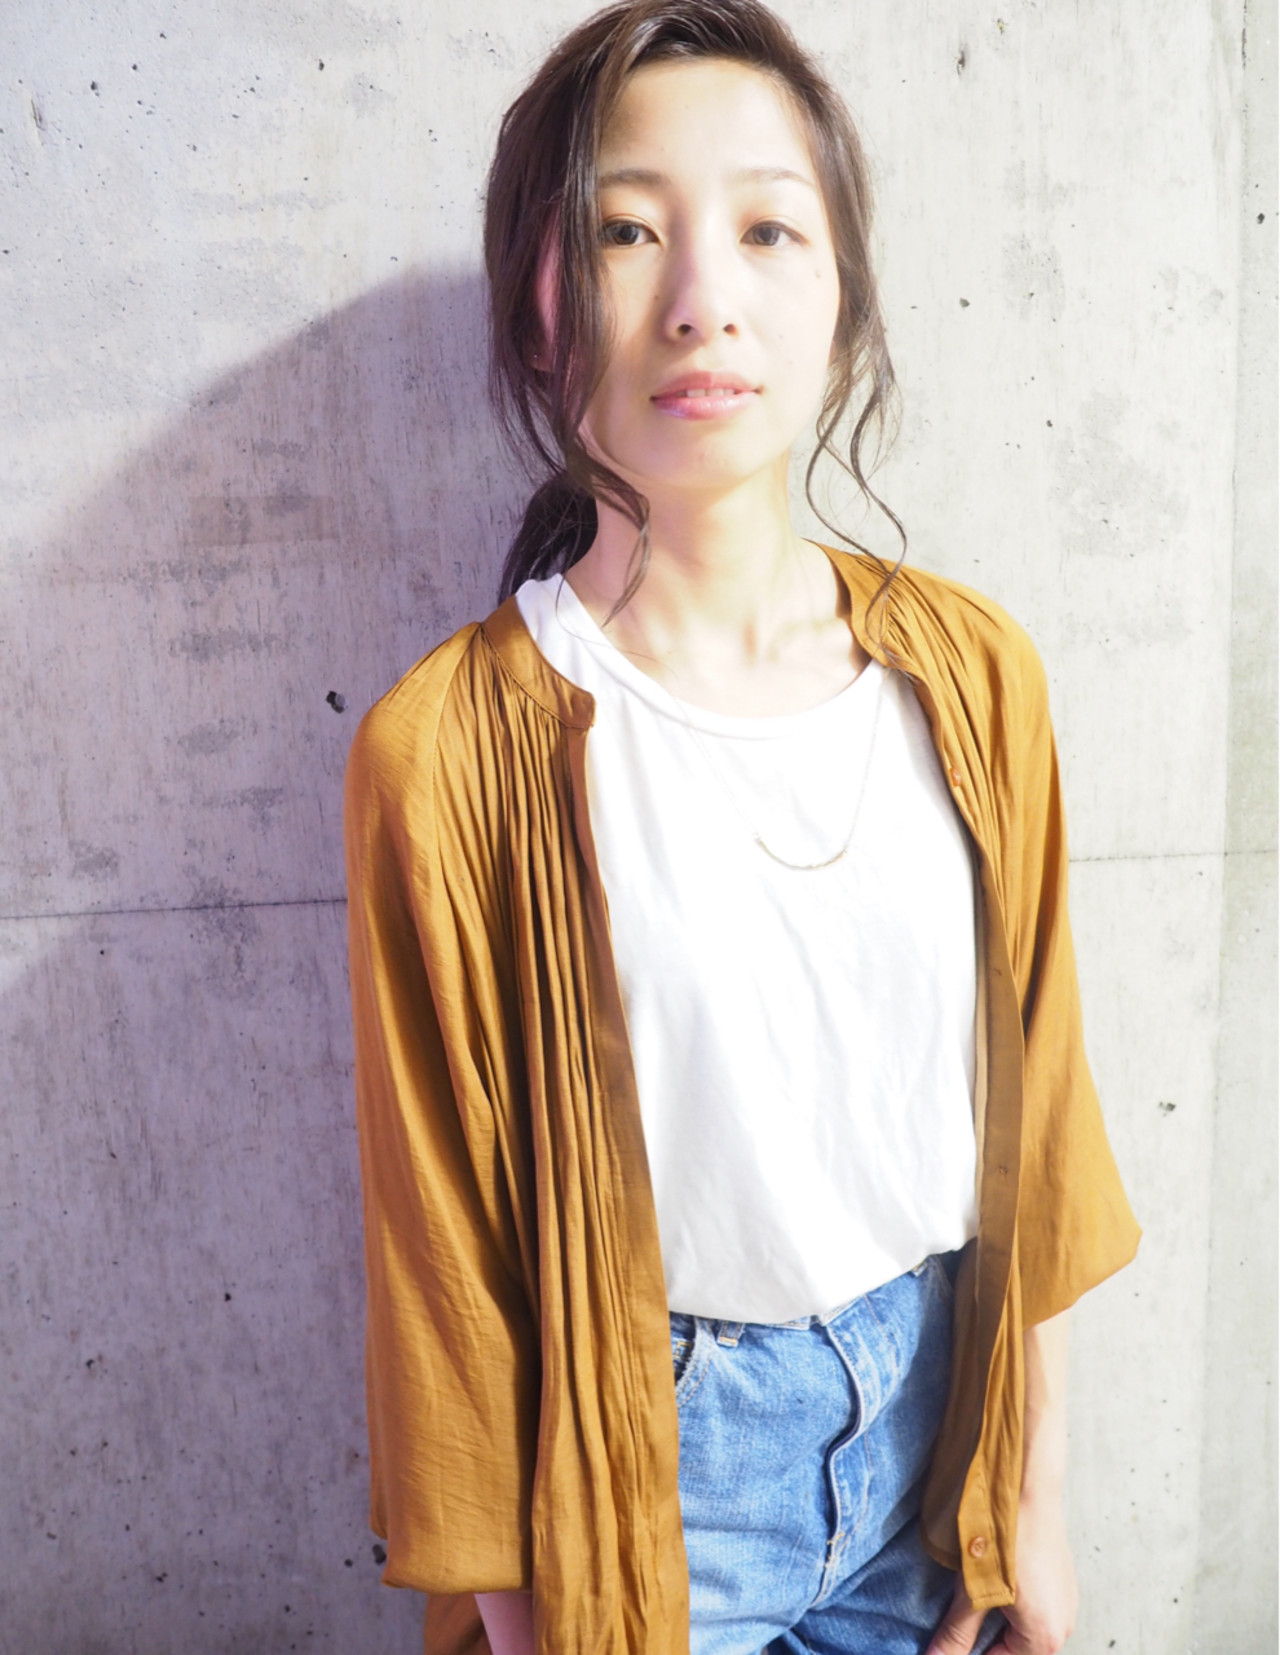 ミディアム 簡単ヘアアレンジ フェミニン ショート ヘアスタイルや髪型の写真・画像 | 和合 彩夏 / shelly